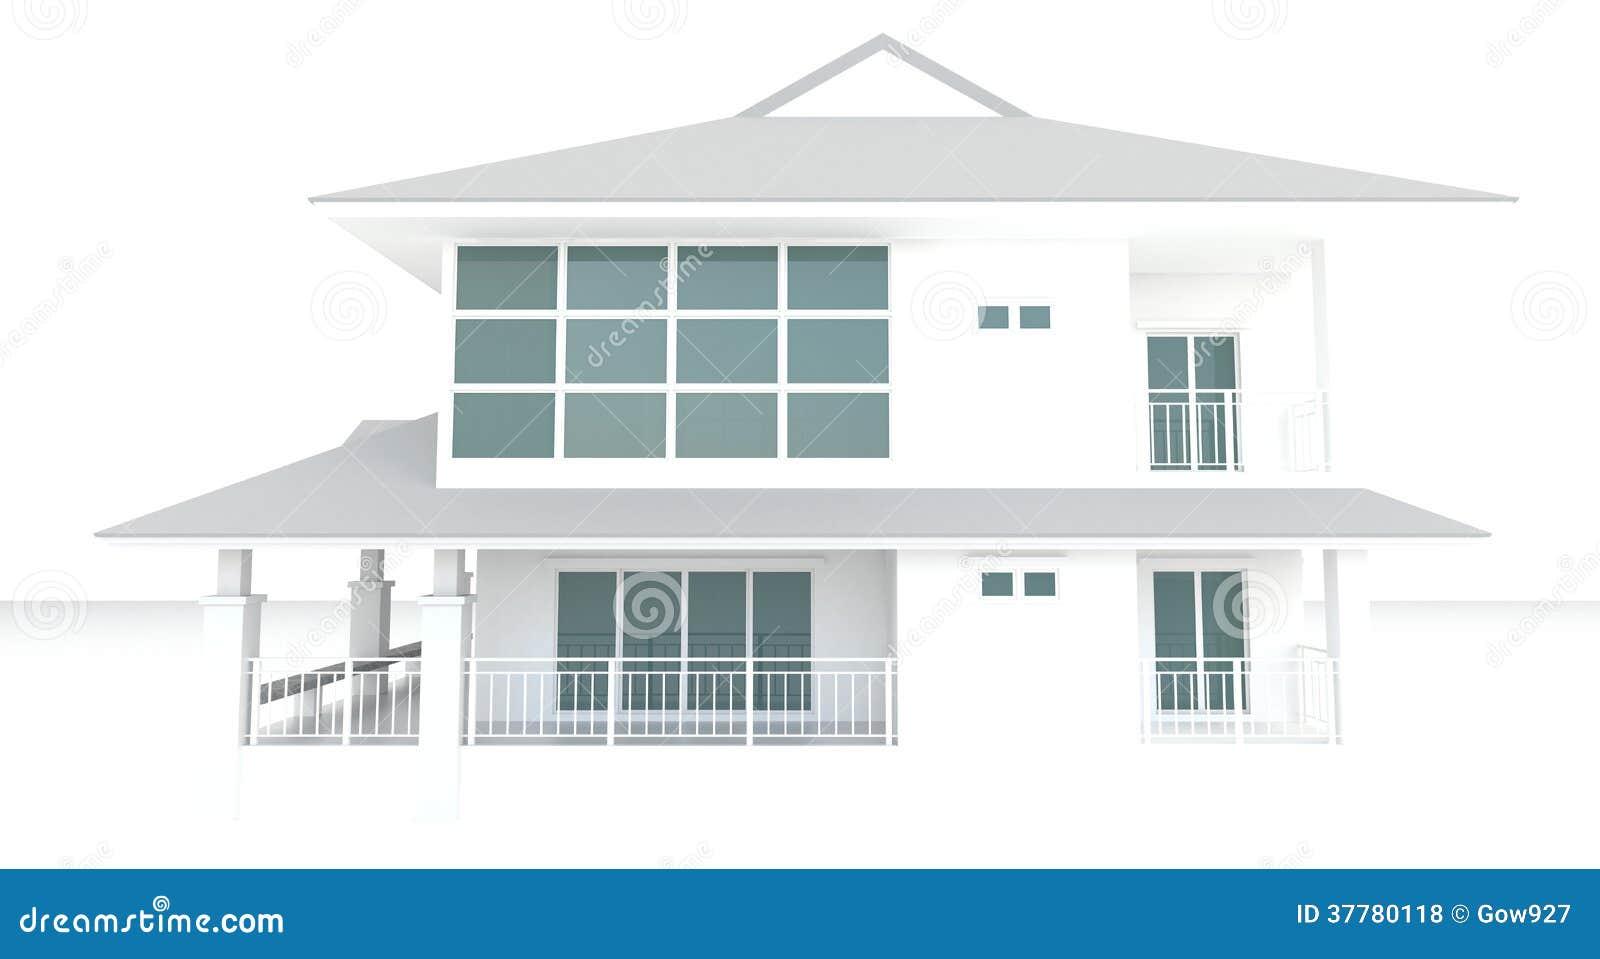 Dise o exterior de la arquitectura blanca de la casa 3d en - Diseno exterior de casas ...